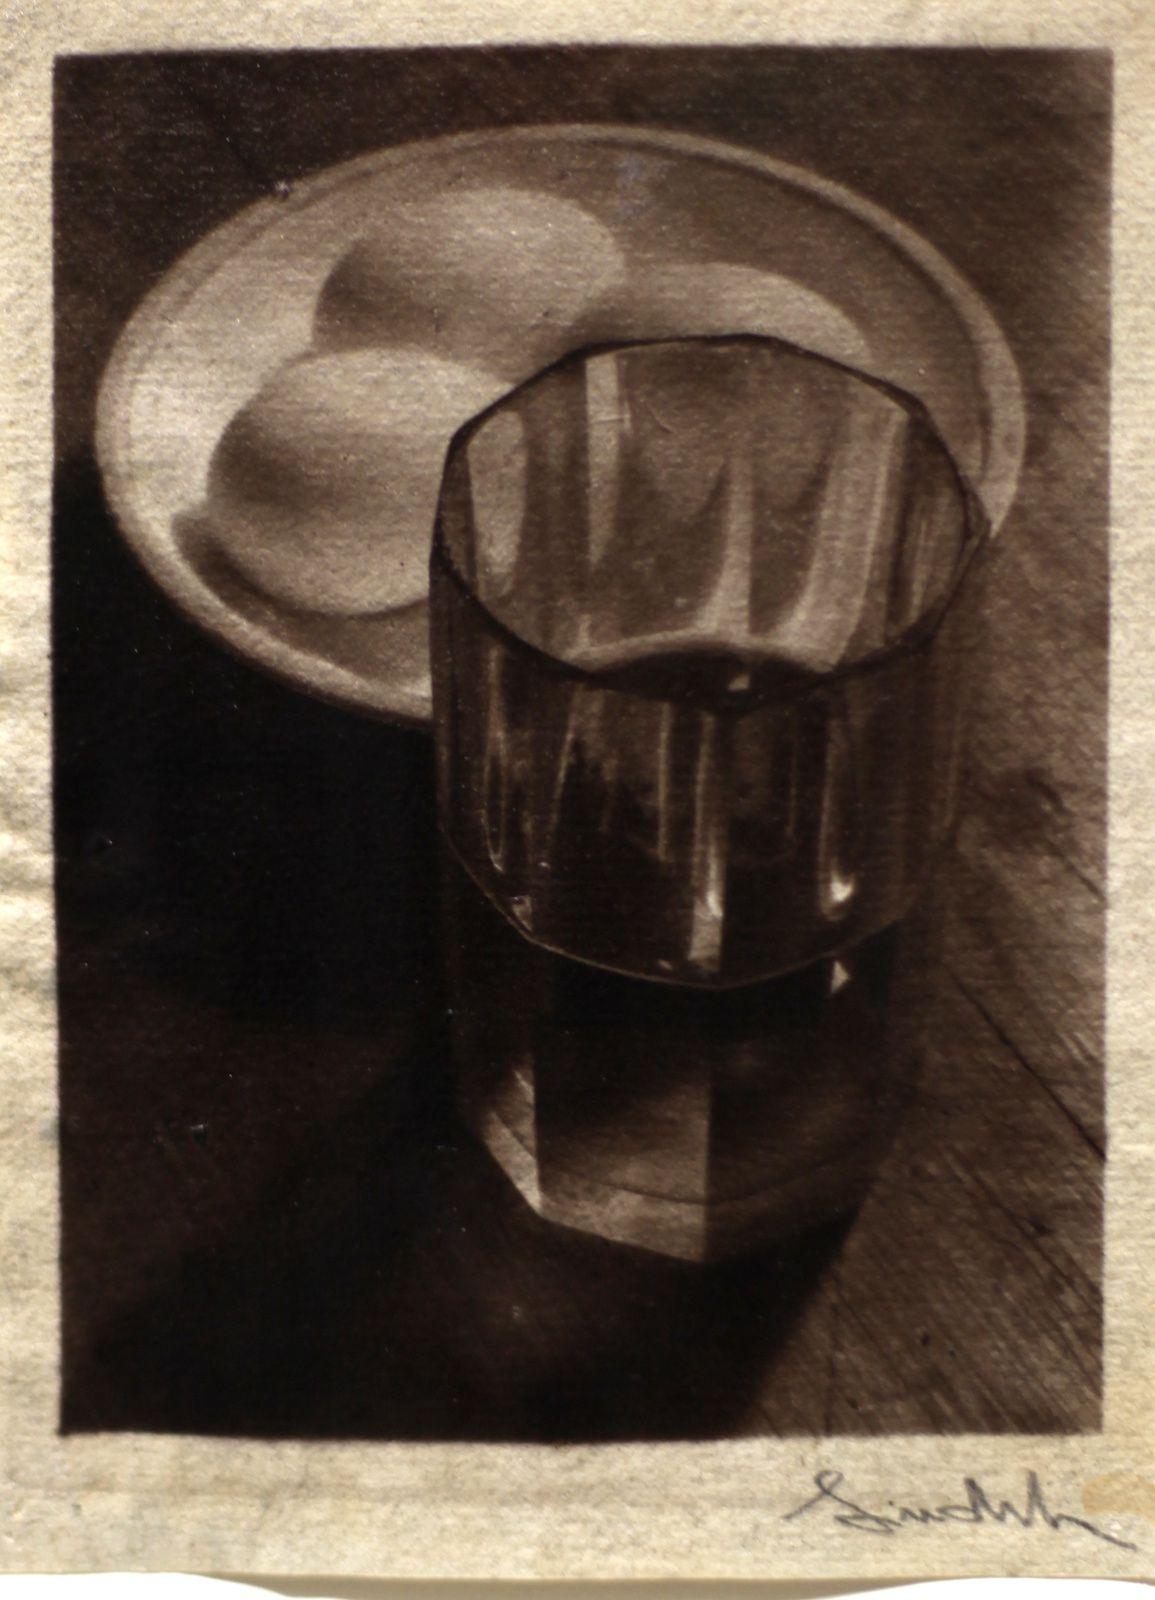 """""""Nature Morte aux oeufs et au verre"""", 1950-1954 de Josef SUDEK - Courtesy Jeu de Paume © Photo Eric Simon"""